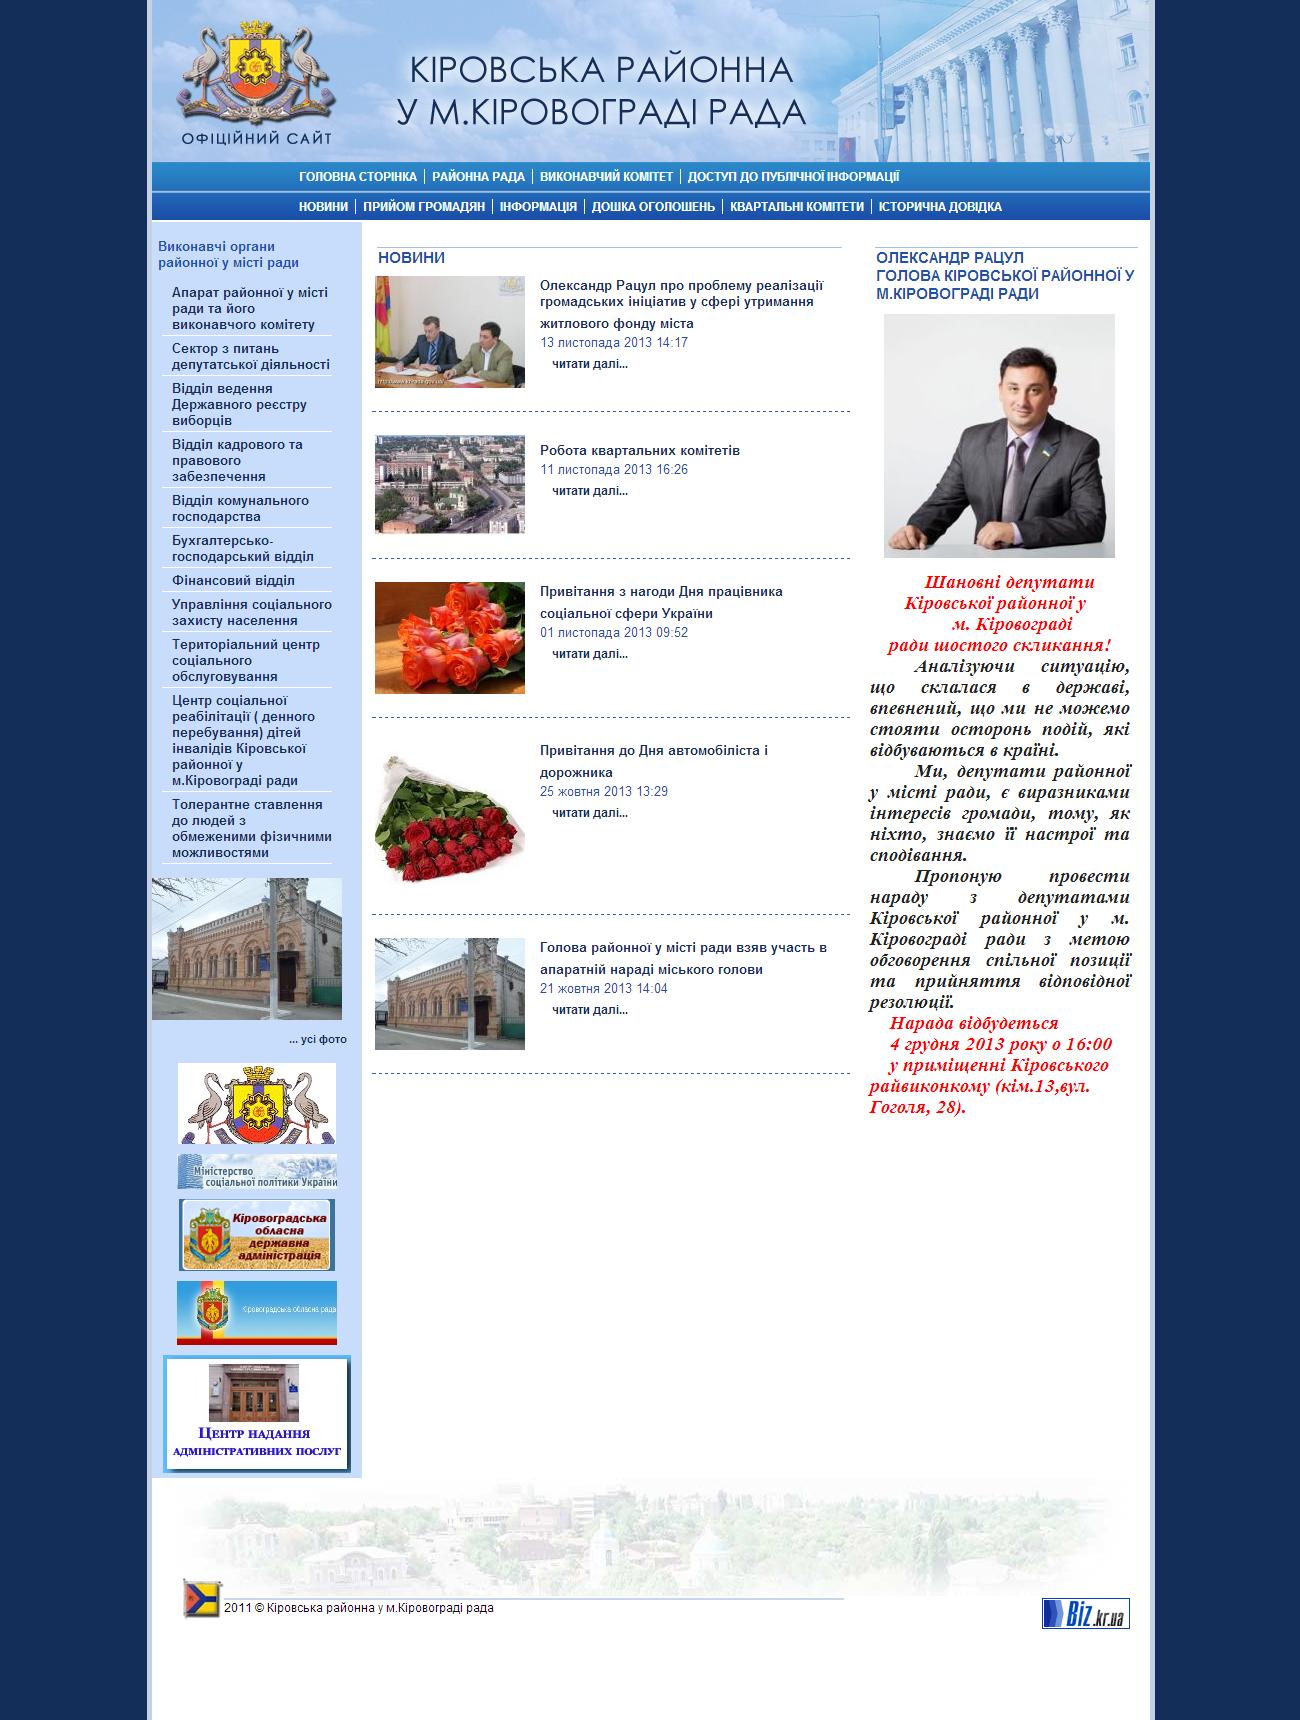 Офіційний сайт Кіровської районної у м. Кіровограді ради